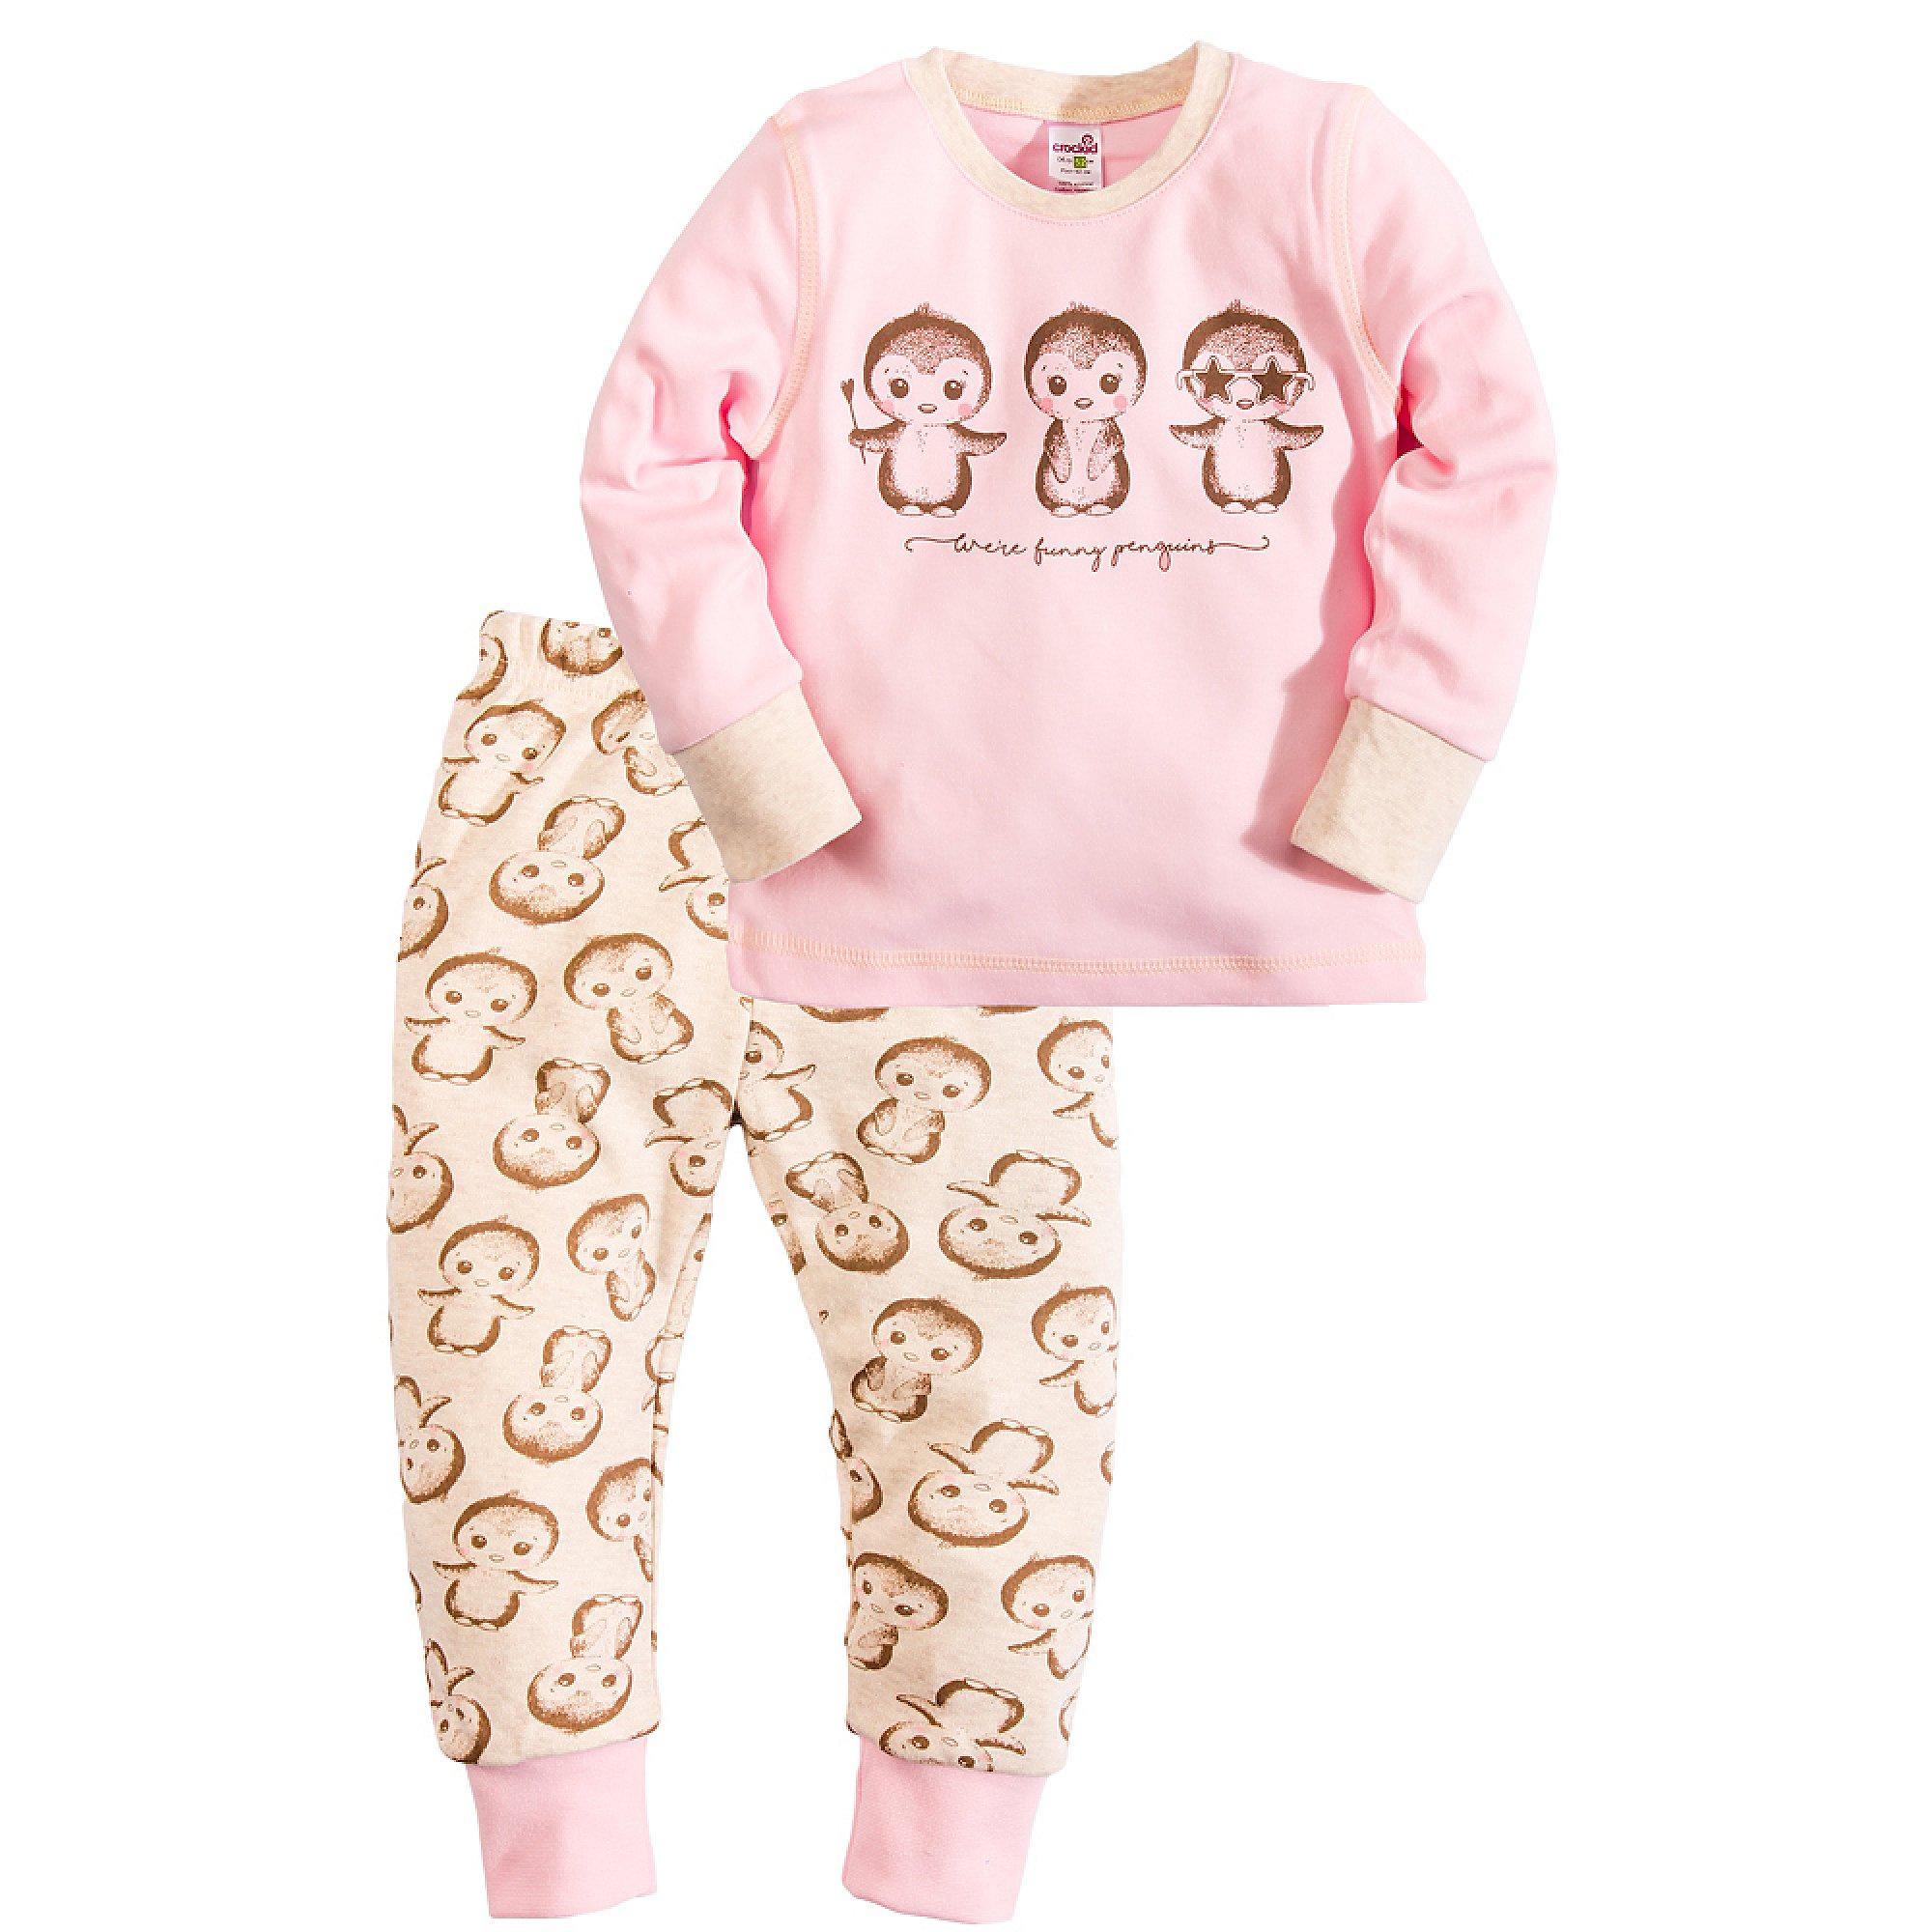 Пижама для девочки Crockid купить оптом в интернет-магазине Happywear.ru bf00af33aee73